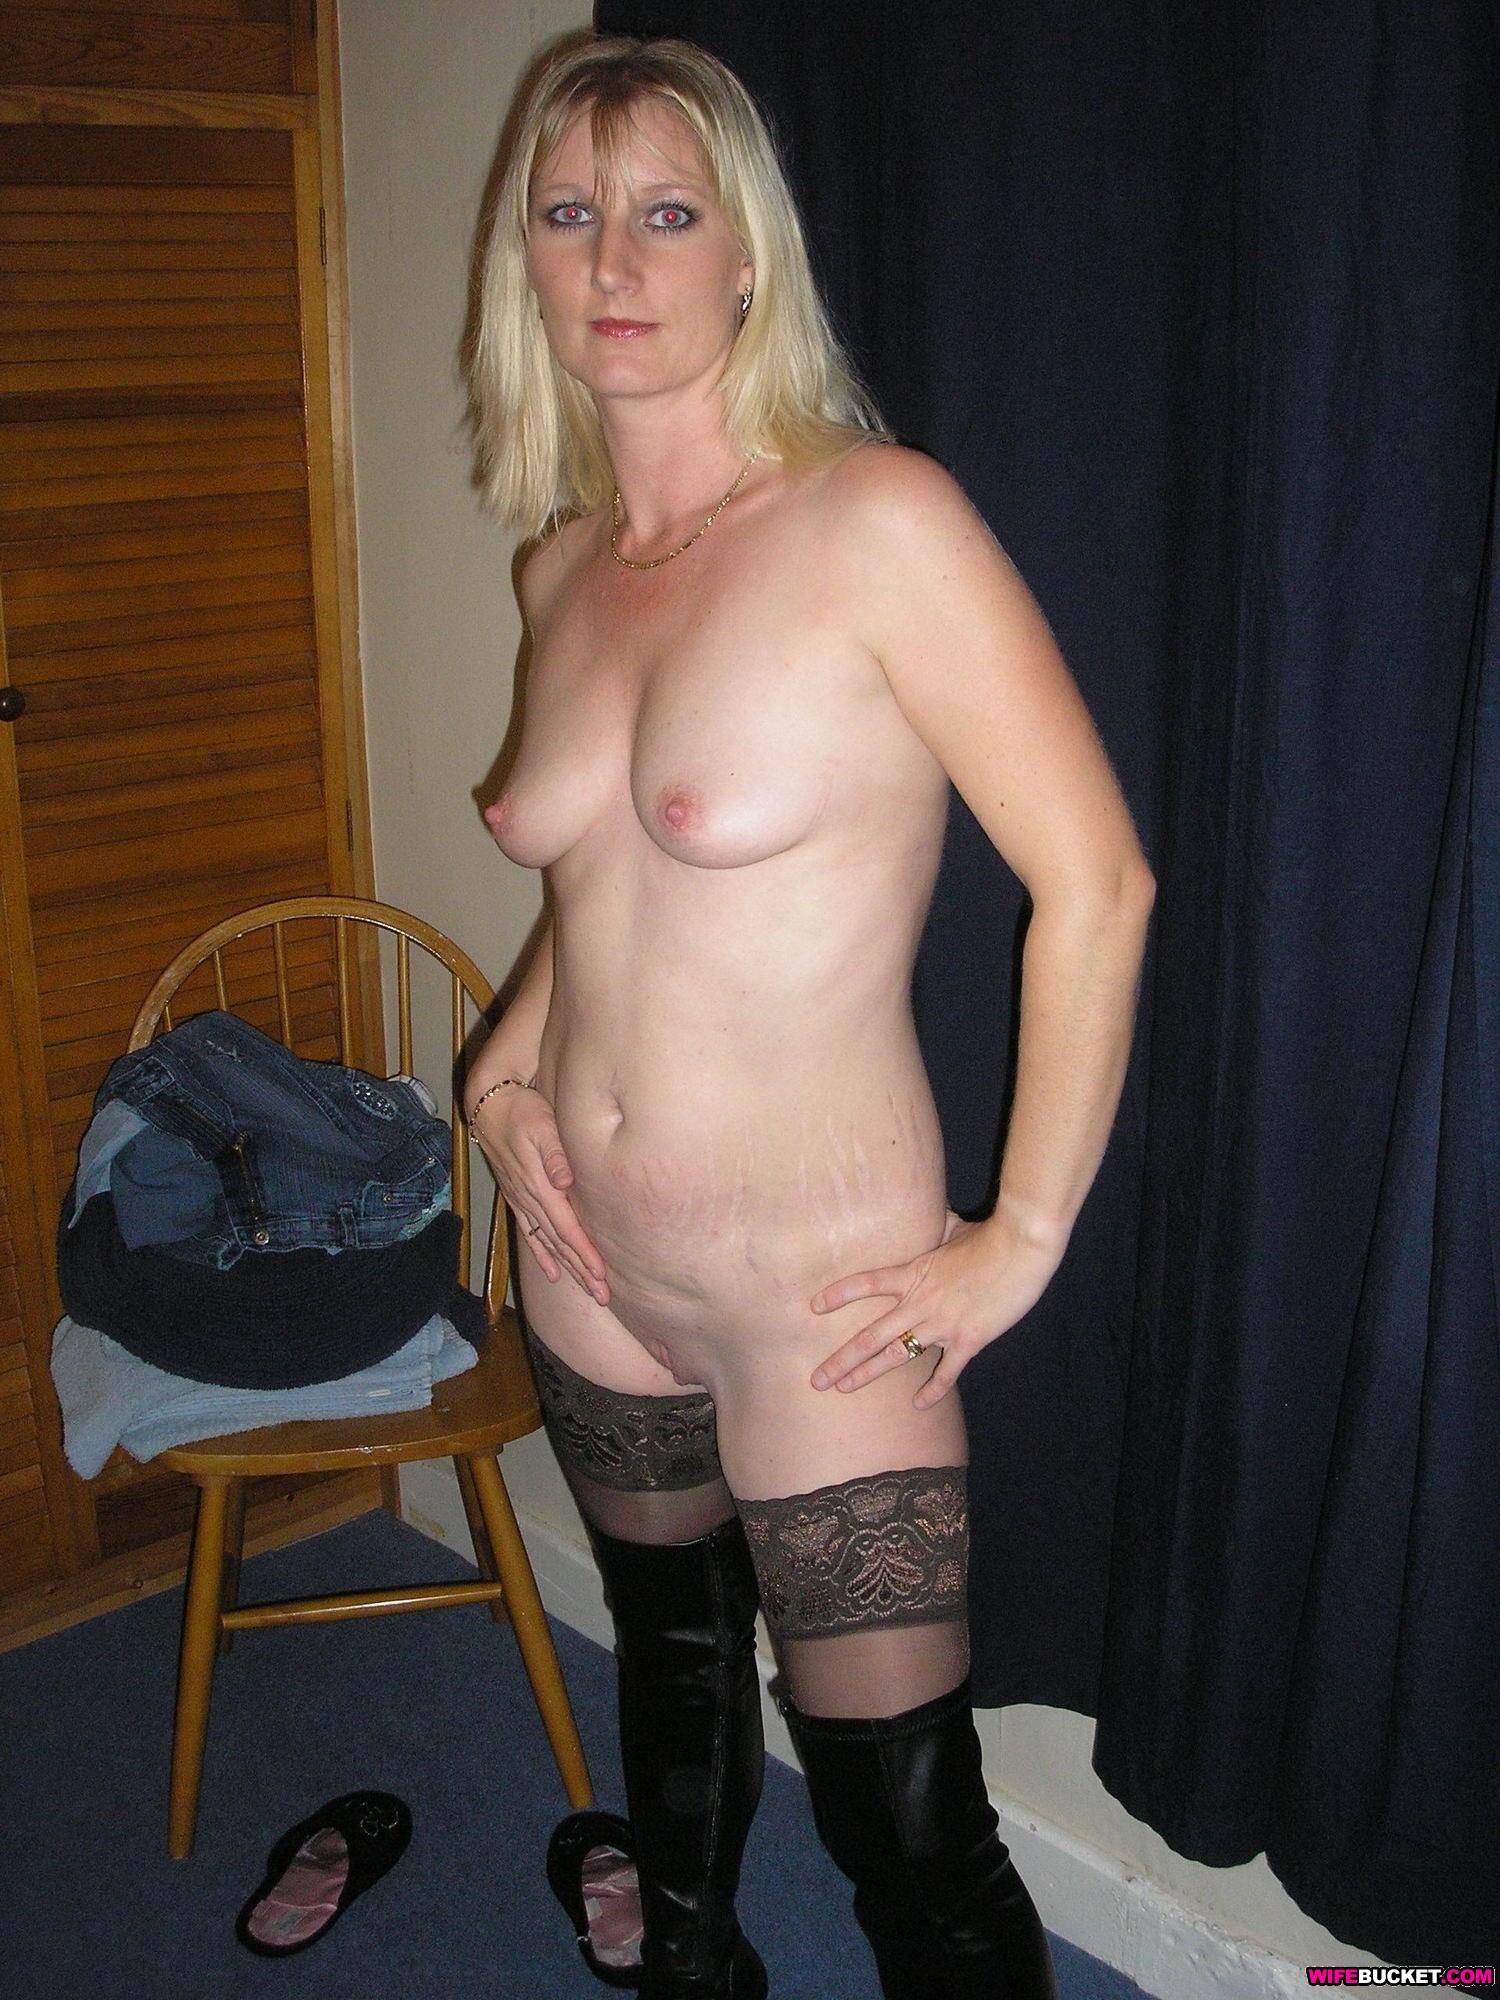 Kawaii big boobs girl